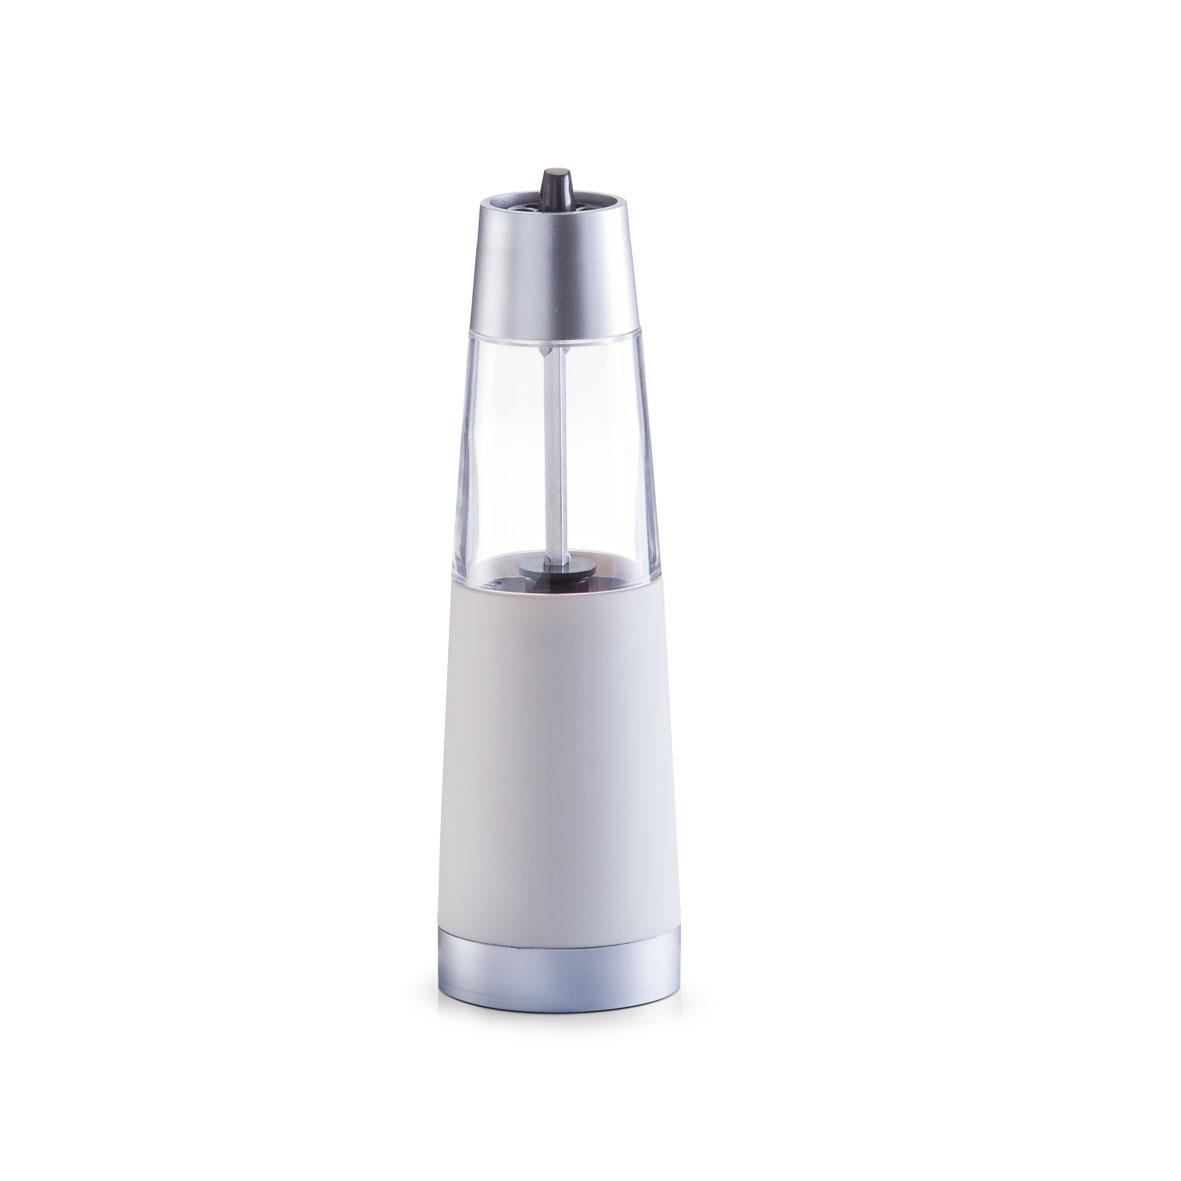 Измельчитель для соли и перца Zeller, электрический, цвет: серебристый, прозрачный, высота 19 см24920Измельчитель Zeller выполнен в современном стиле и предназначен для перемалывания морской соли и перца. Изделие имеет пластиковое основание и прозрачную емкость. Мельница оснащена регулируемым керамическим механизмом помола. Чтобы привести механизм в действие нужно просто нажать кнопку и она автоматически начнет перемалывать. Измельчитель Zeller добавит вашим блюдам яркие вкусовые краски. Изделие удобно в использовании и имеет стильный дизайн, который станет ярким акцентом в интерьере вашей кухни. Работает от 6 батареек типа ААА (в комплект не входят).